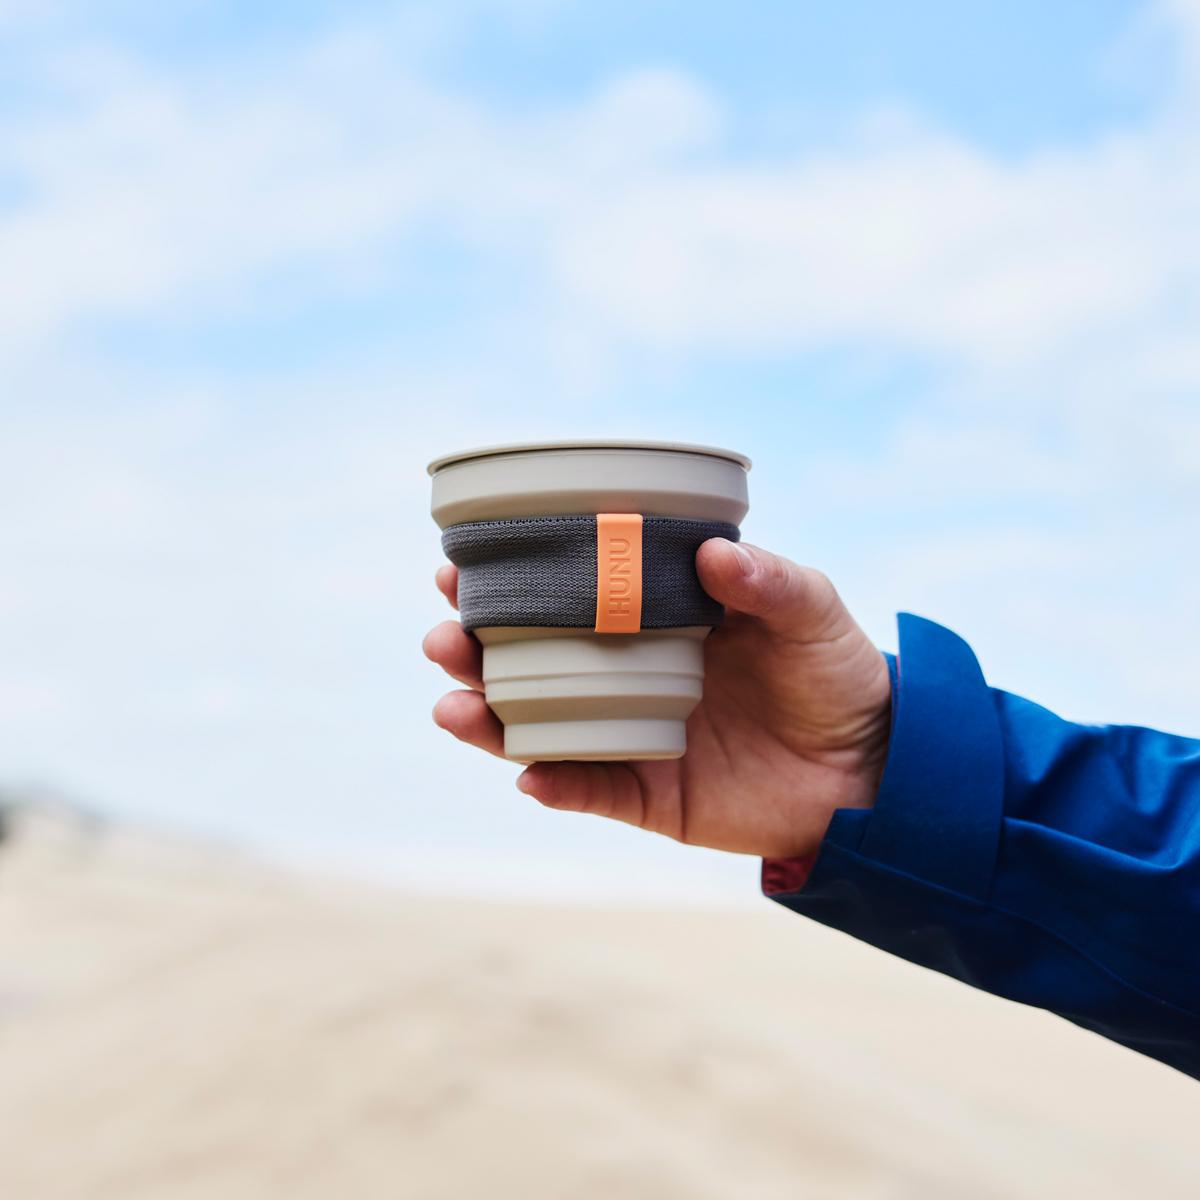 HUNU reusable cup held up in front of beach